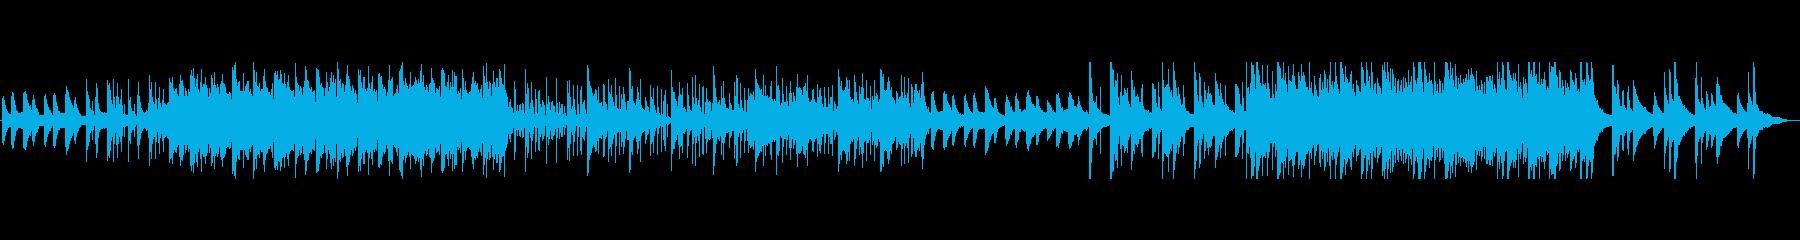 悲しみのピアノエレクトロ2の再生済みの波形